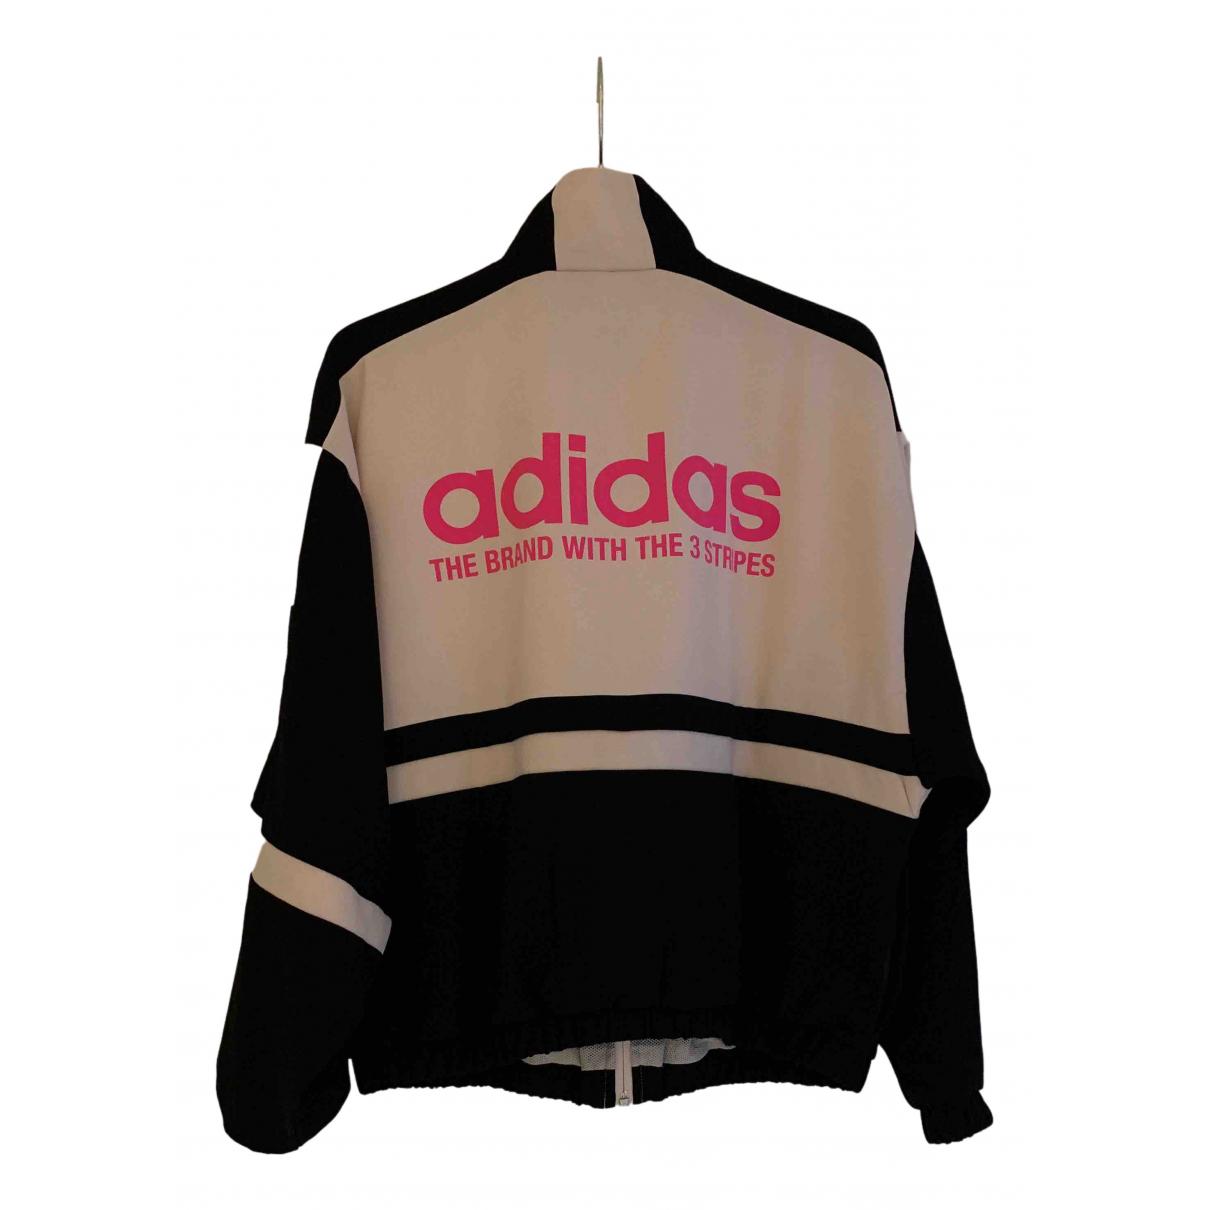 Adidas - Veste   pour femme - multicolore